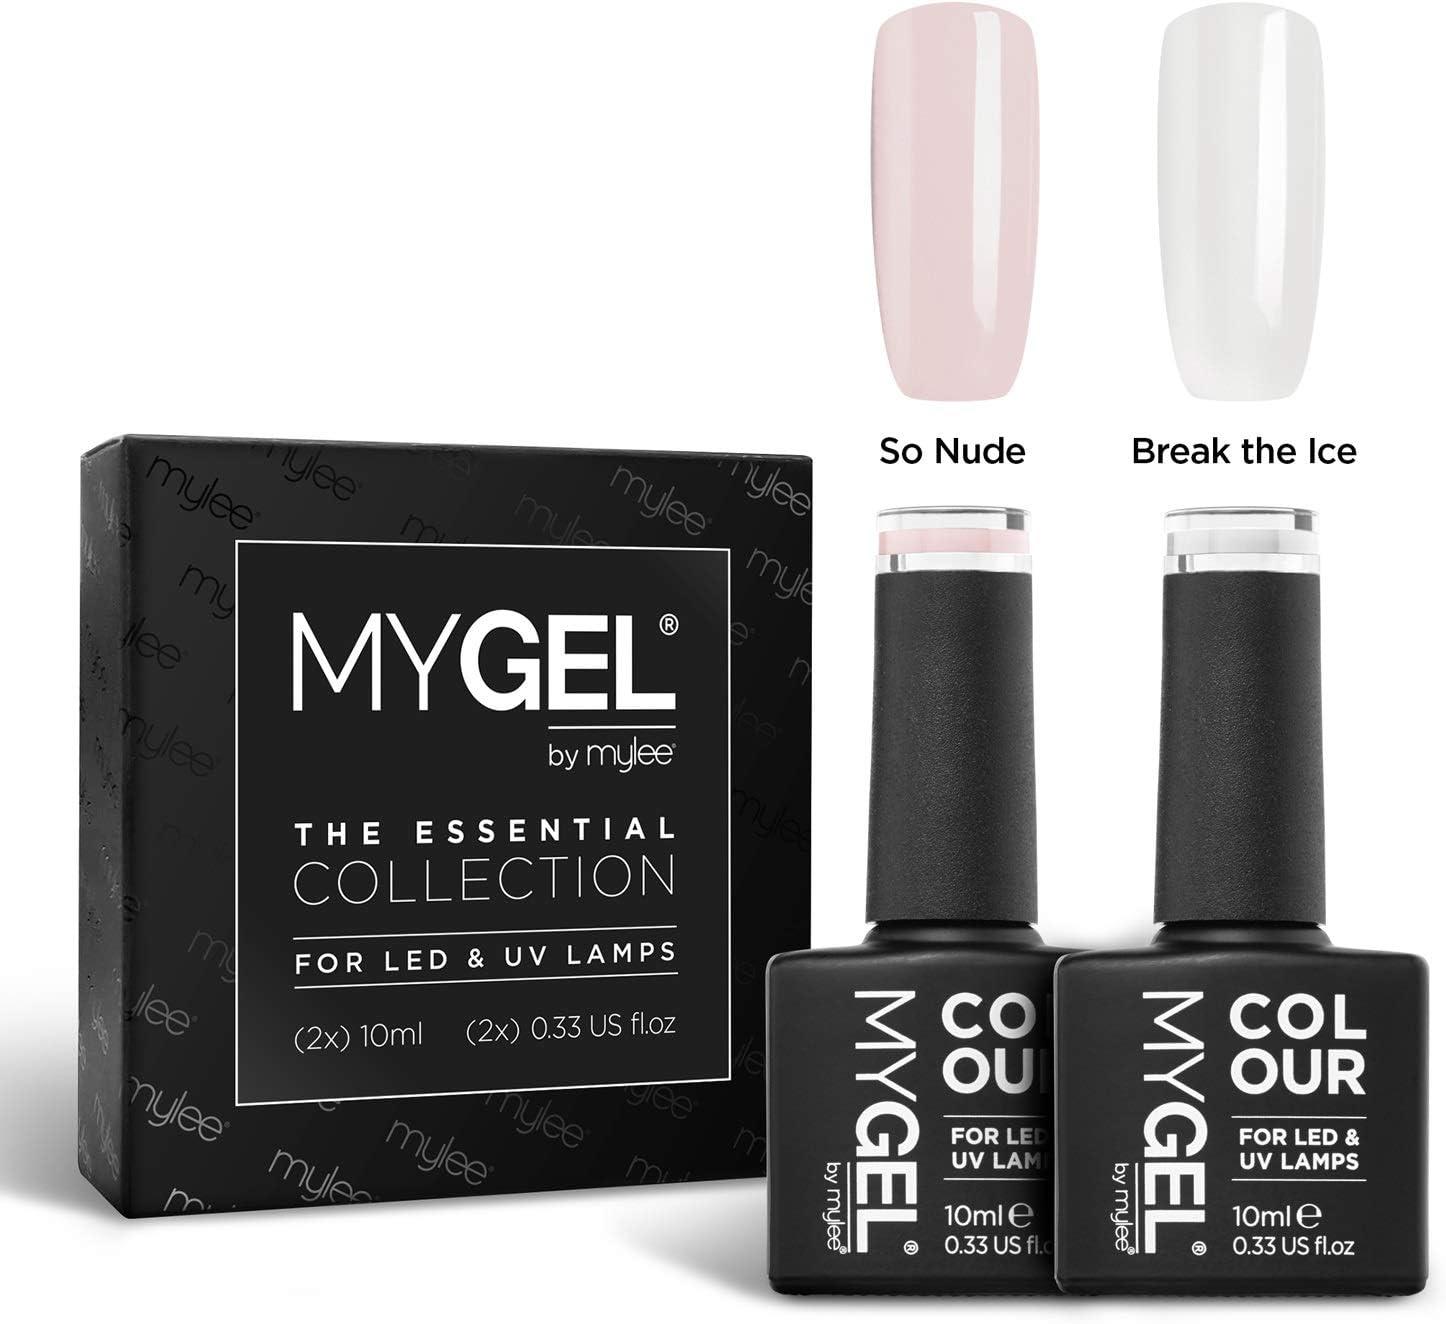 MyGel - Esmalte de uñas de gel para manicura francesa, 2 x 10 ml, UV/LED, manicura y pedicura para uso profesional, salón y hogar, de larga duración y fácil de aplicar